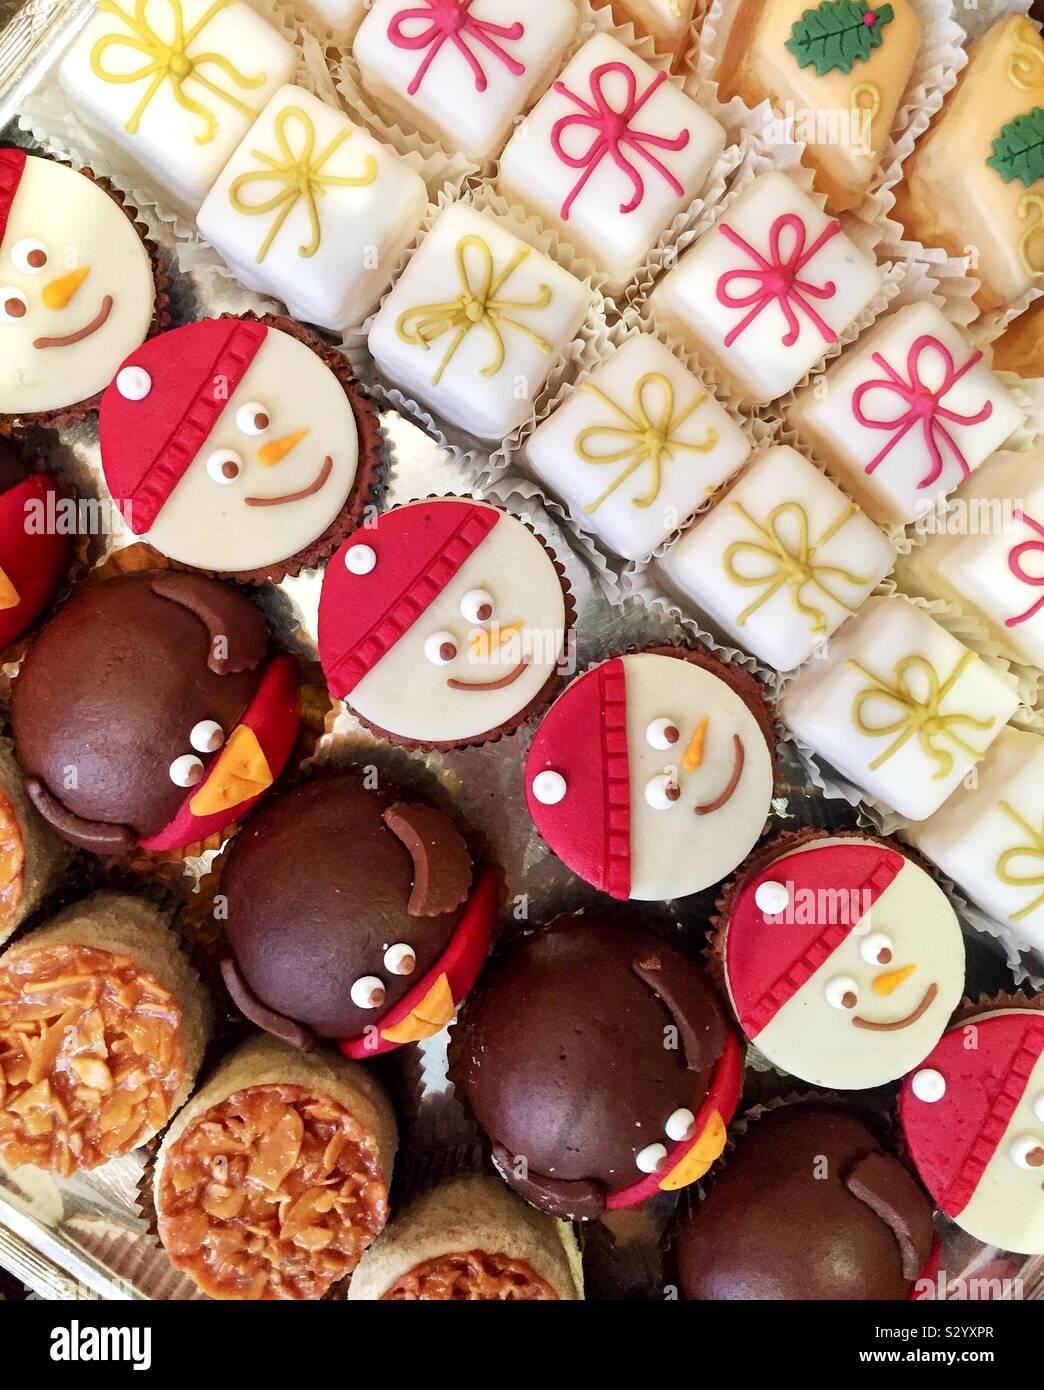 Auf der Suche nach unten von oben auf eine Vielzahl von leckeren Kuchen und Fondant Phantasien, die in einem französischen patisserie, mit Weihnachtsschmuck dekoriert sind und der Platz kopieren Stockfoto